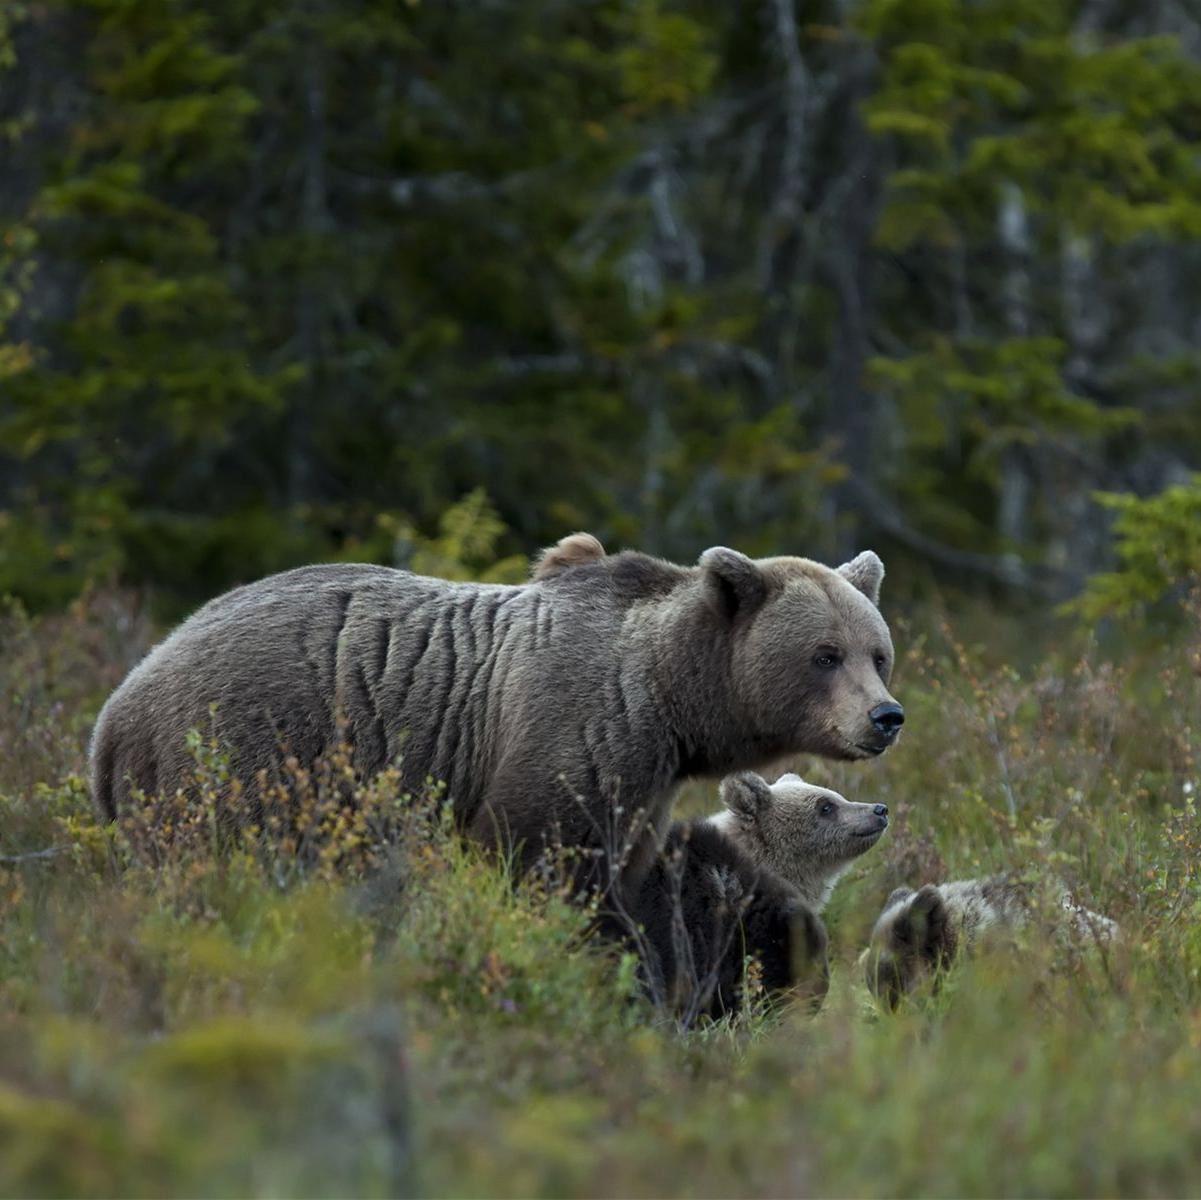 Håkan Vargas S.,  © Håkan Vargas S., En kväll när vi minst anar kommer mamma björn och visar oss sina små.